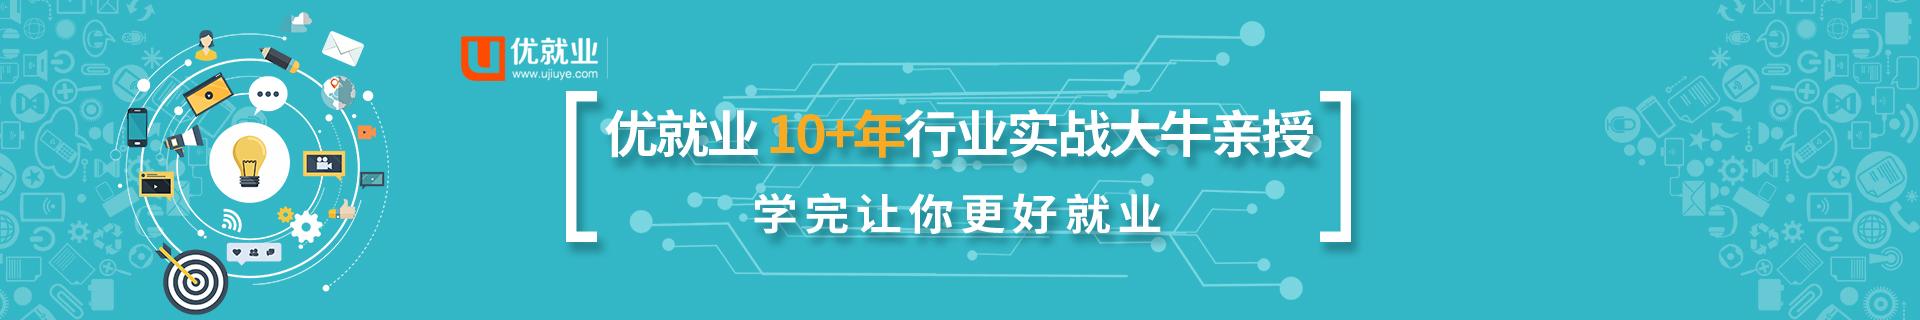 北京海淀区优就业IT培训